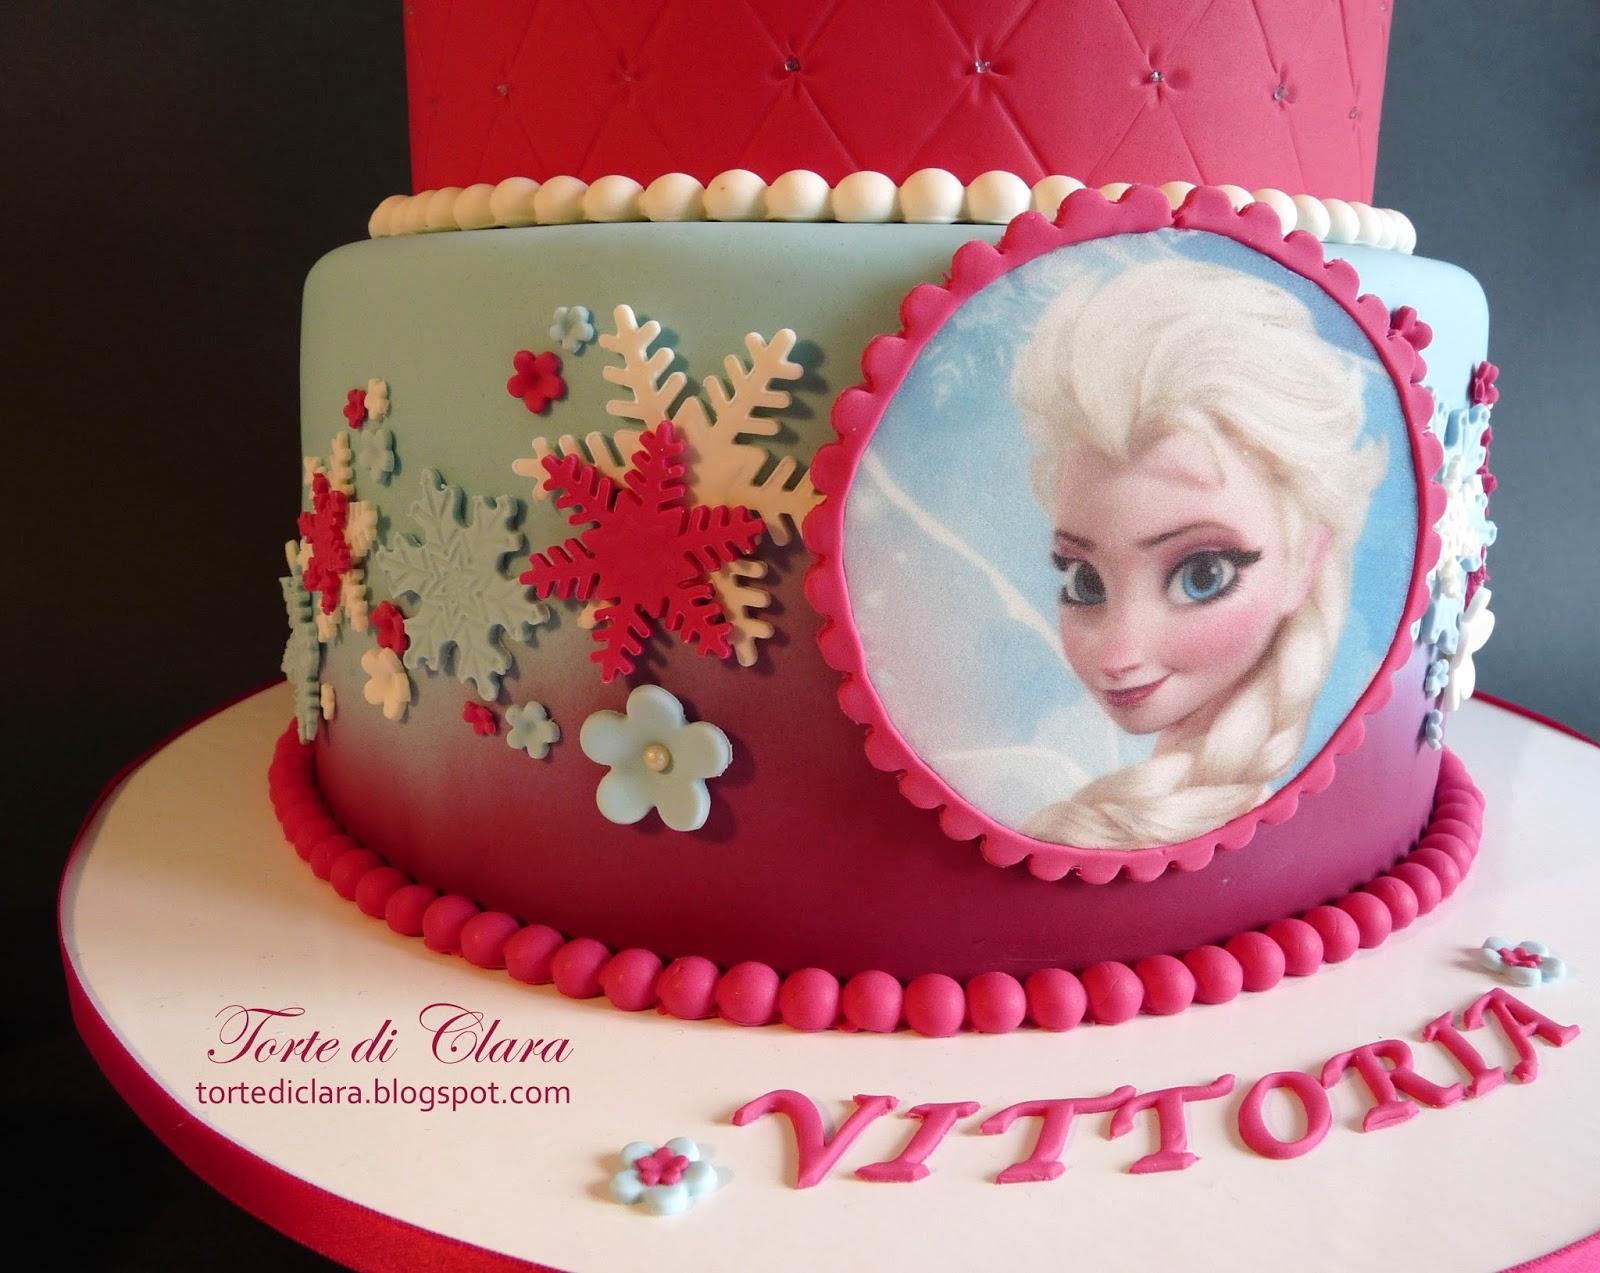 Torte Di Clara Frozen Cake 2